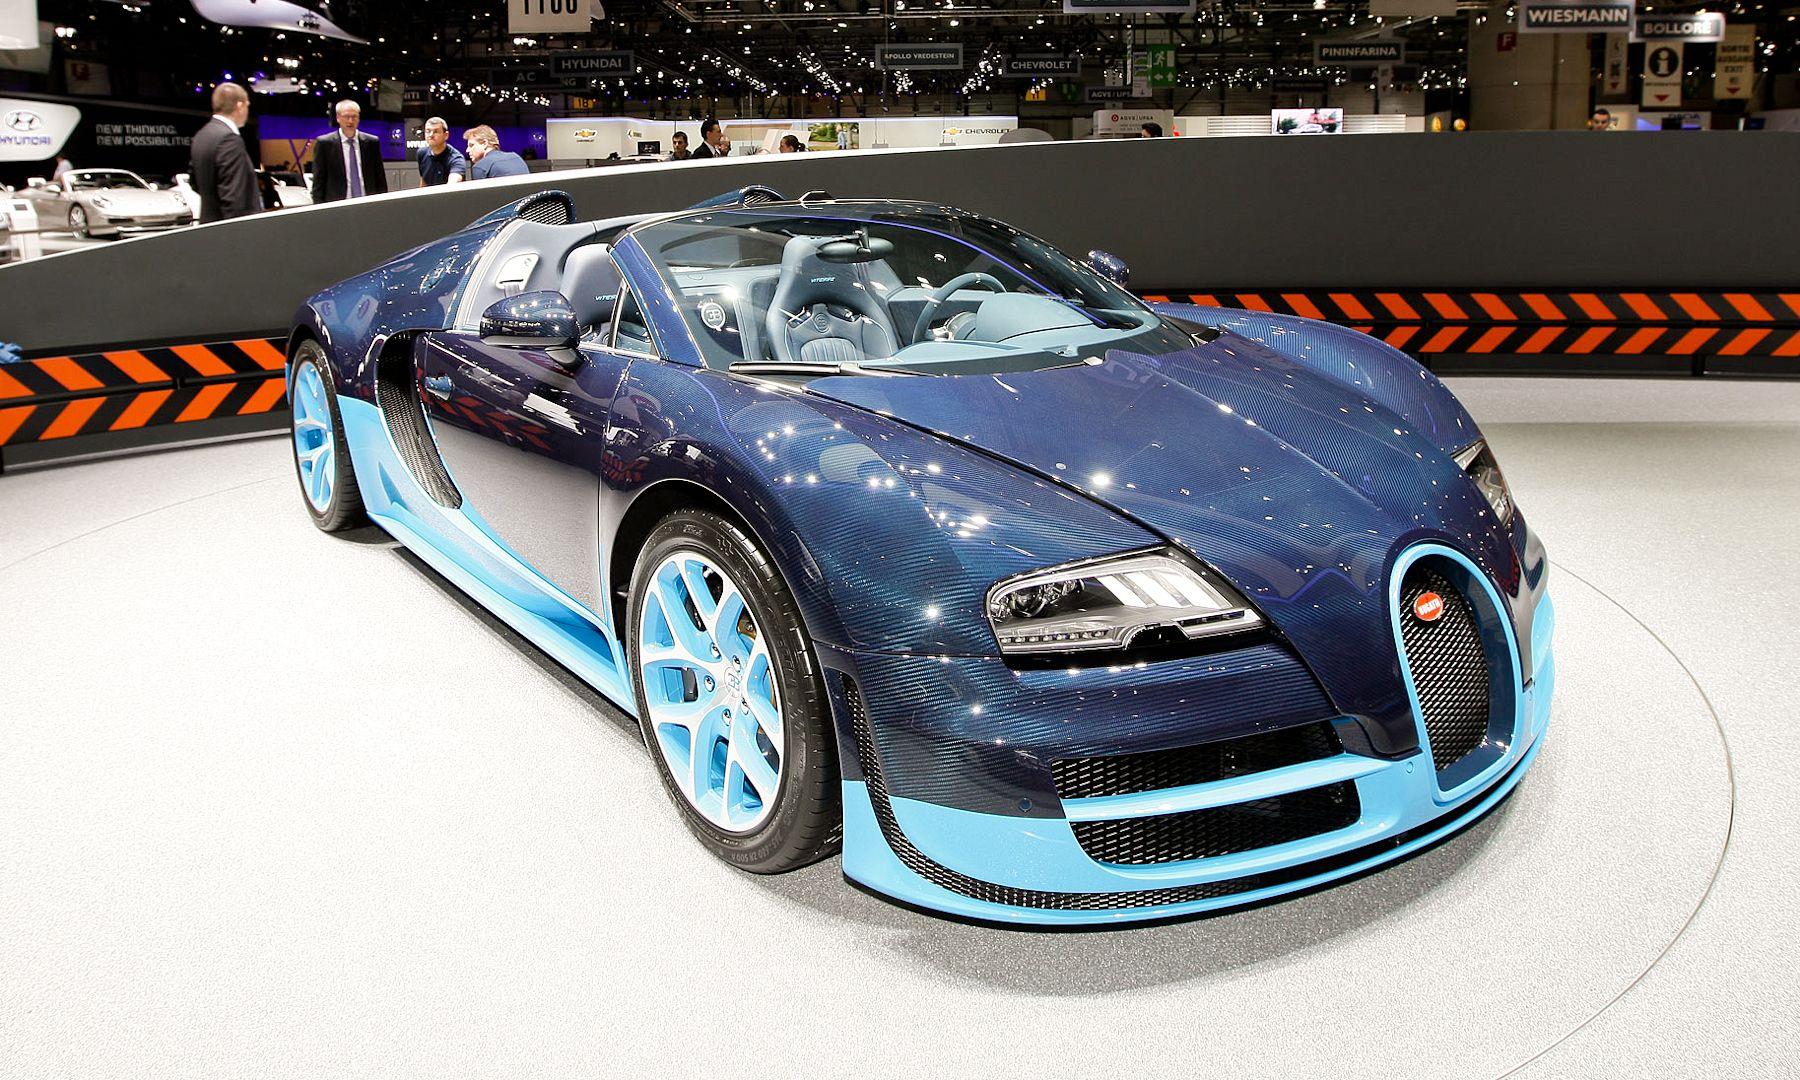 a9596f3676fdb21dcc1b54cc9e6bafea Cozy Bugatti Veyron Rembrandt Edition Price Cars Trend